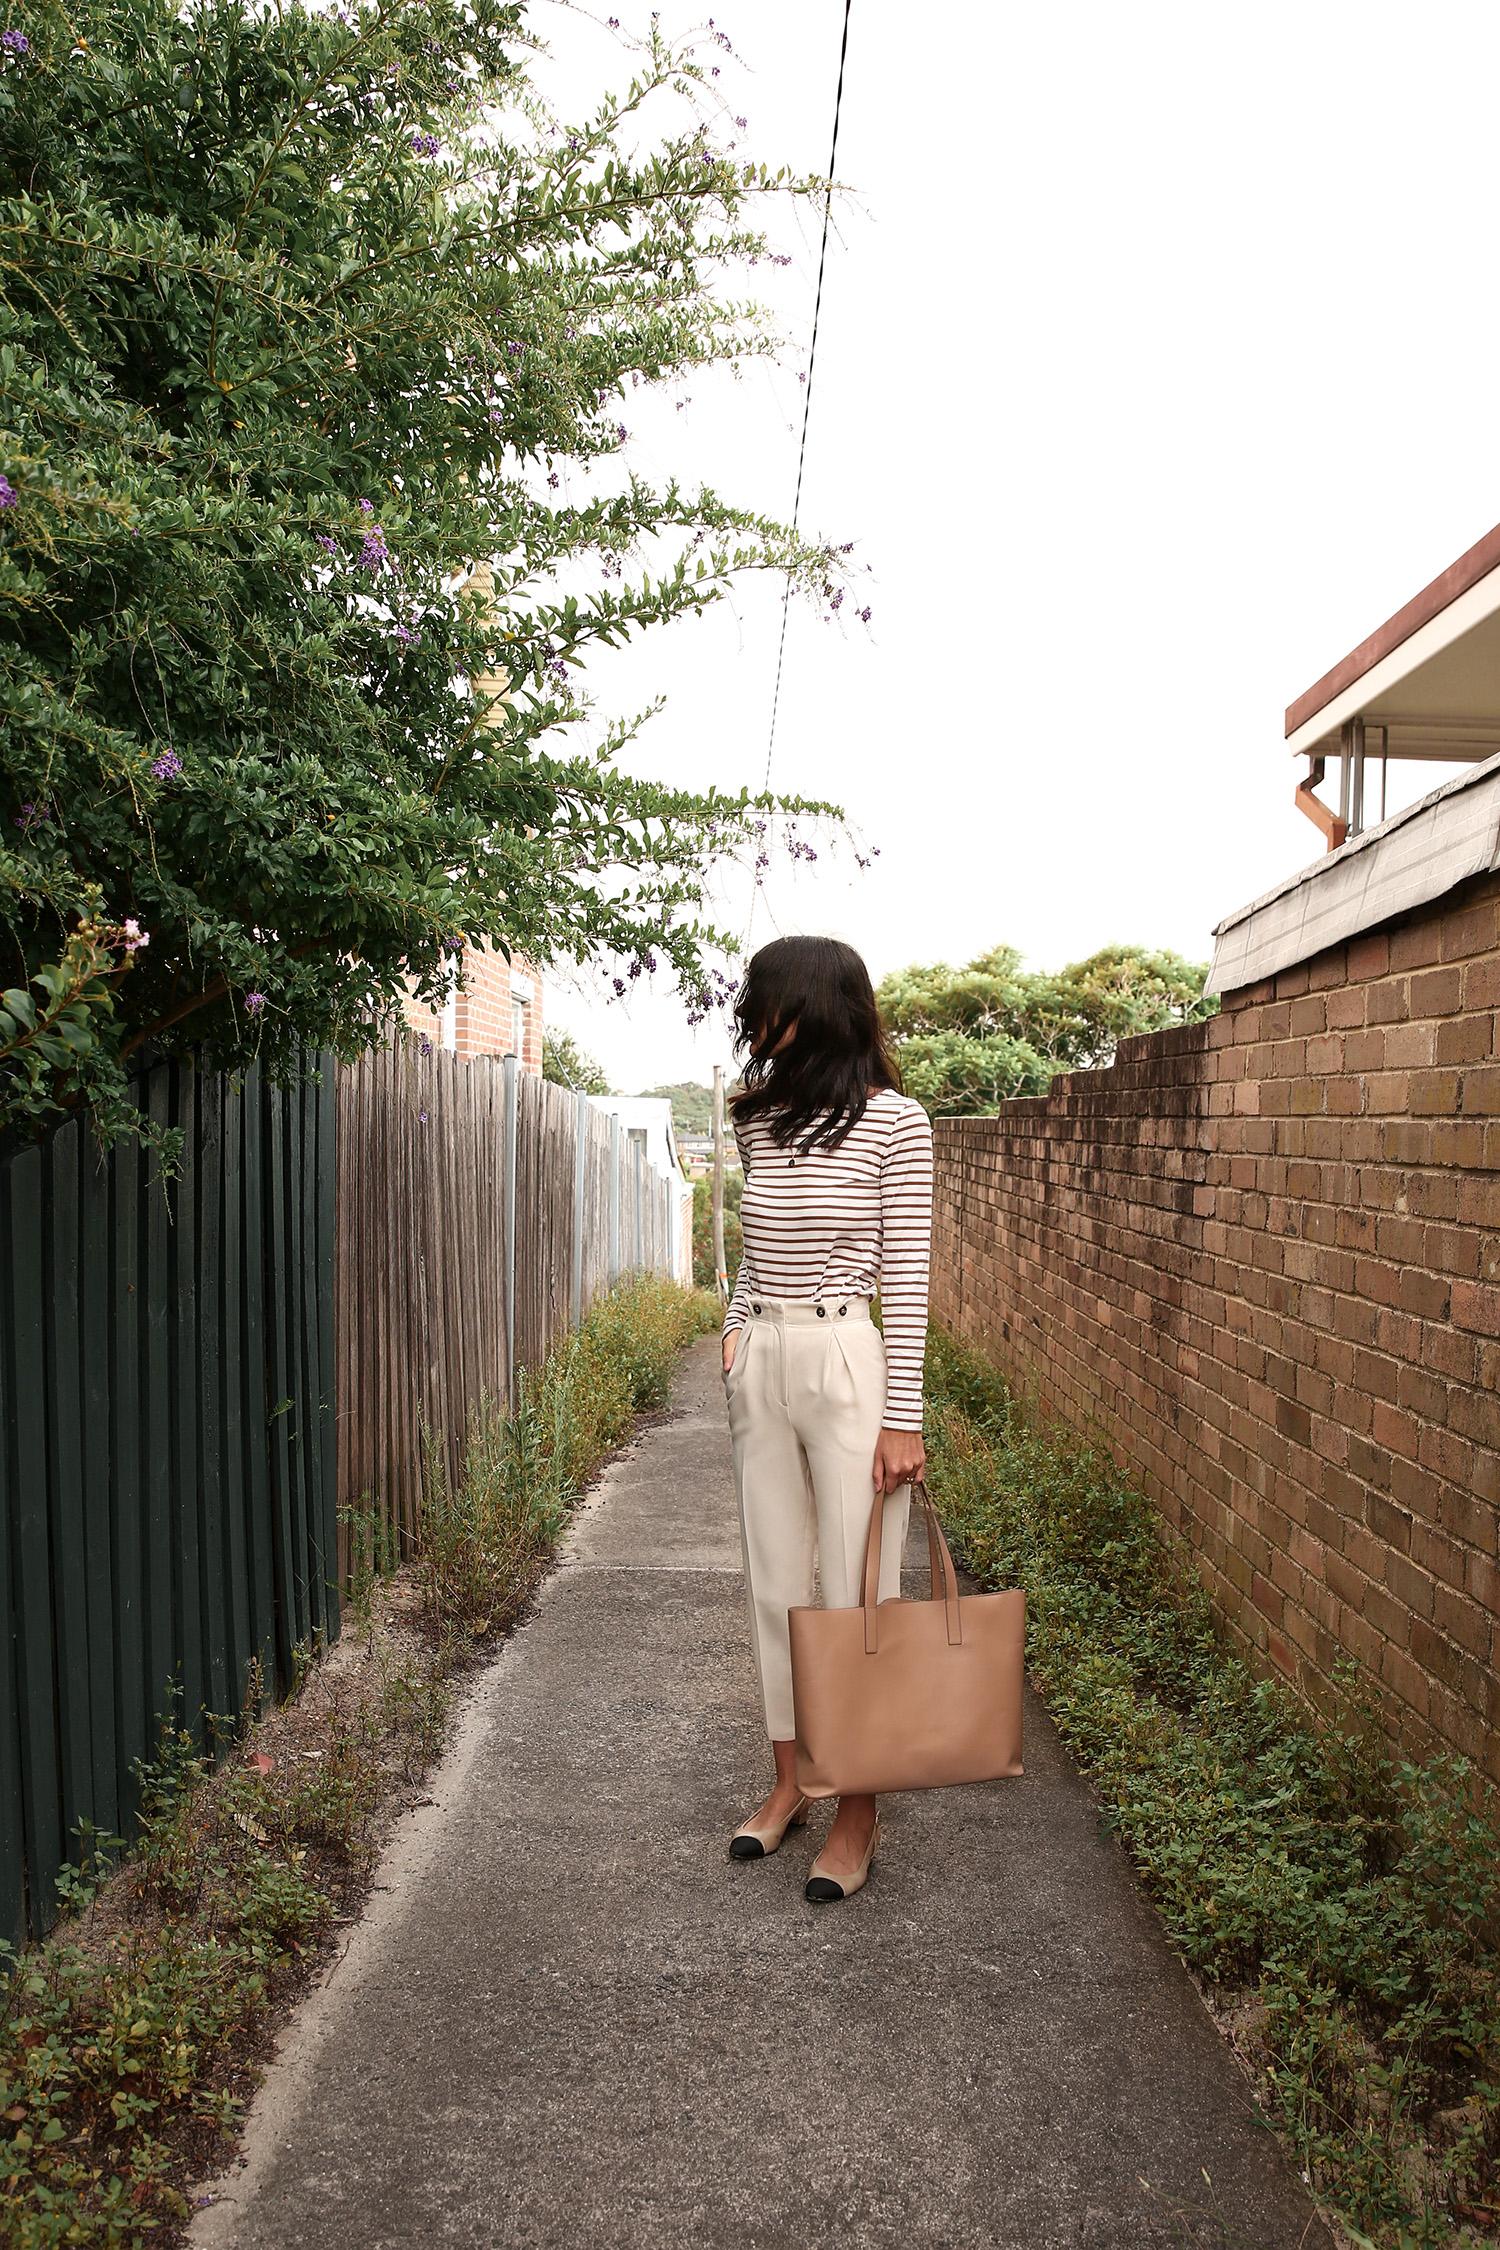 efc97cc9bab5 Vaneli Archives   Mademoiselle   A Minimalist Fashion Blog